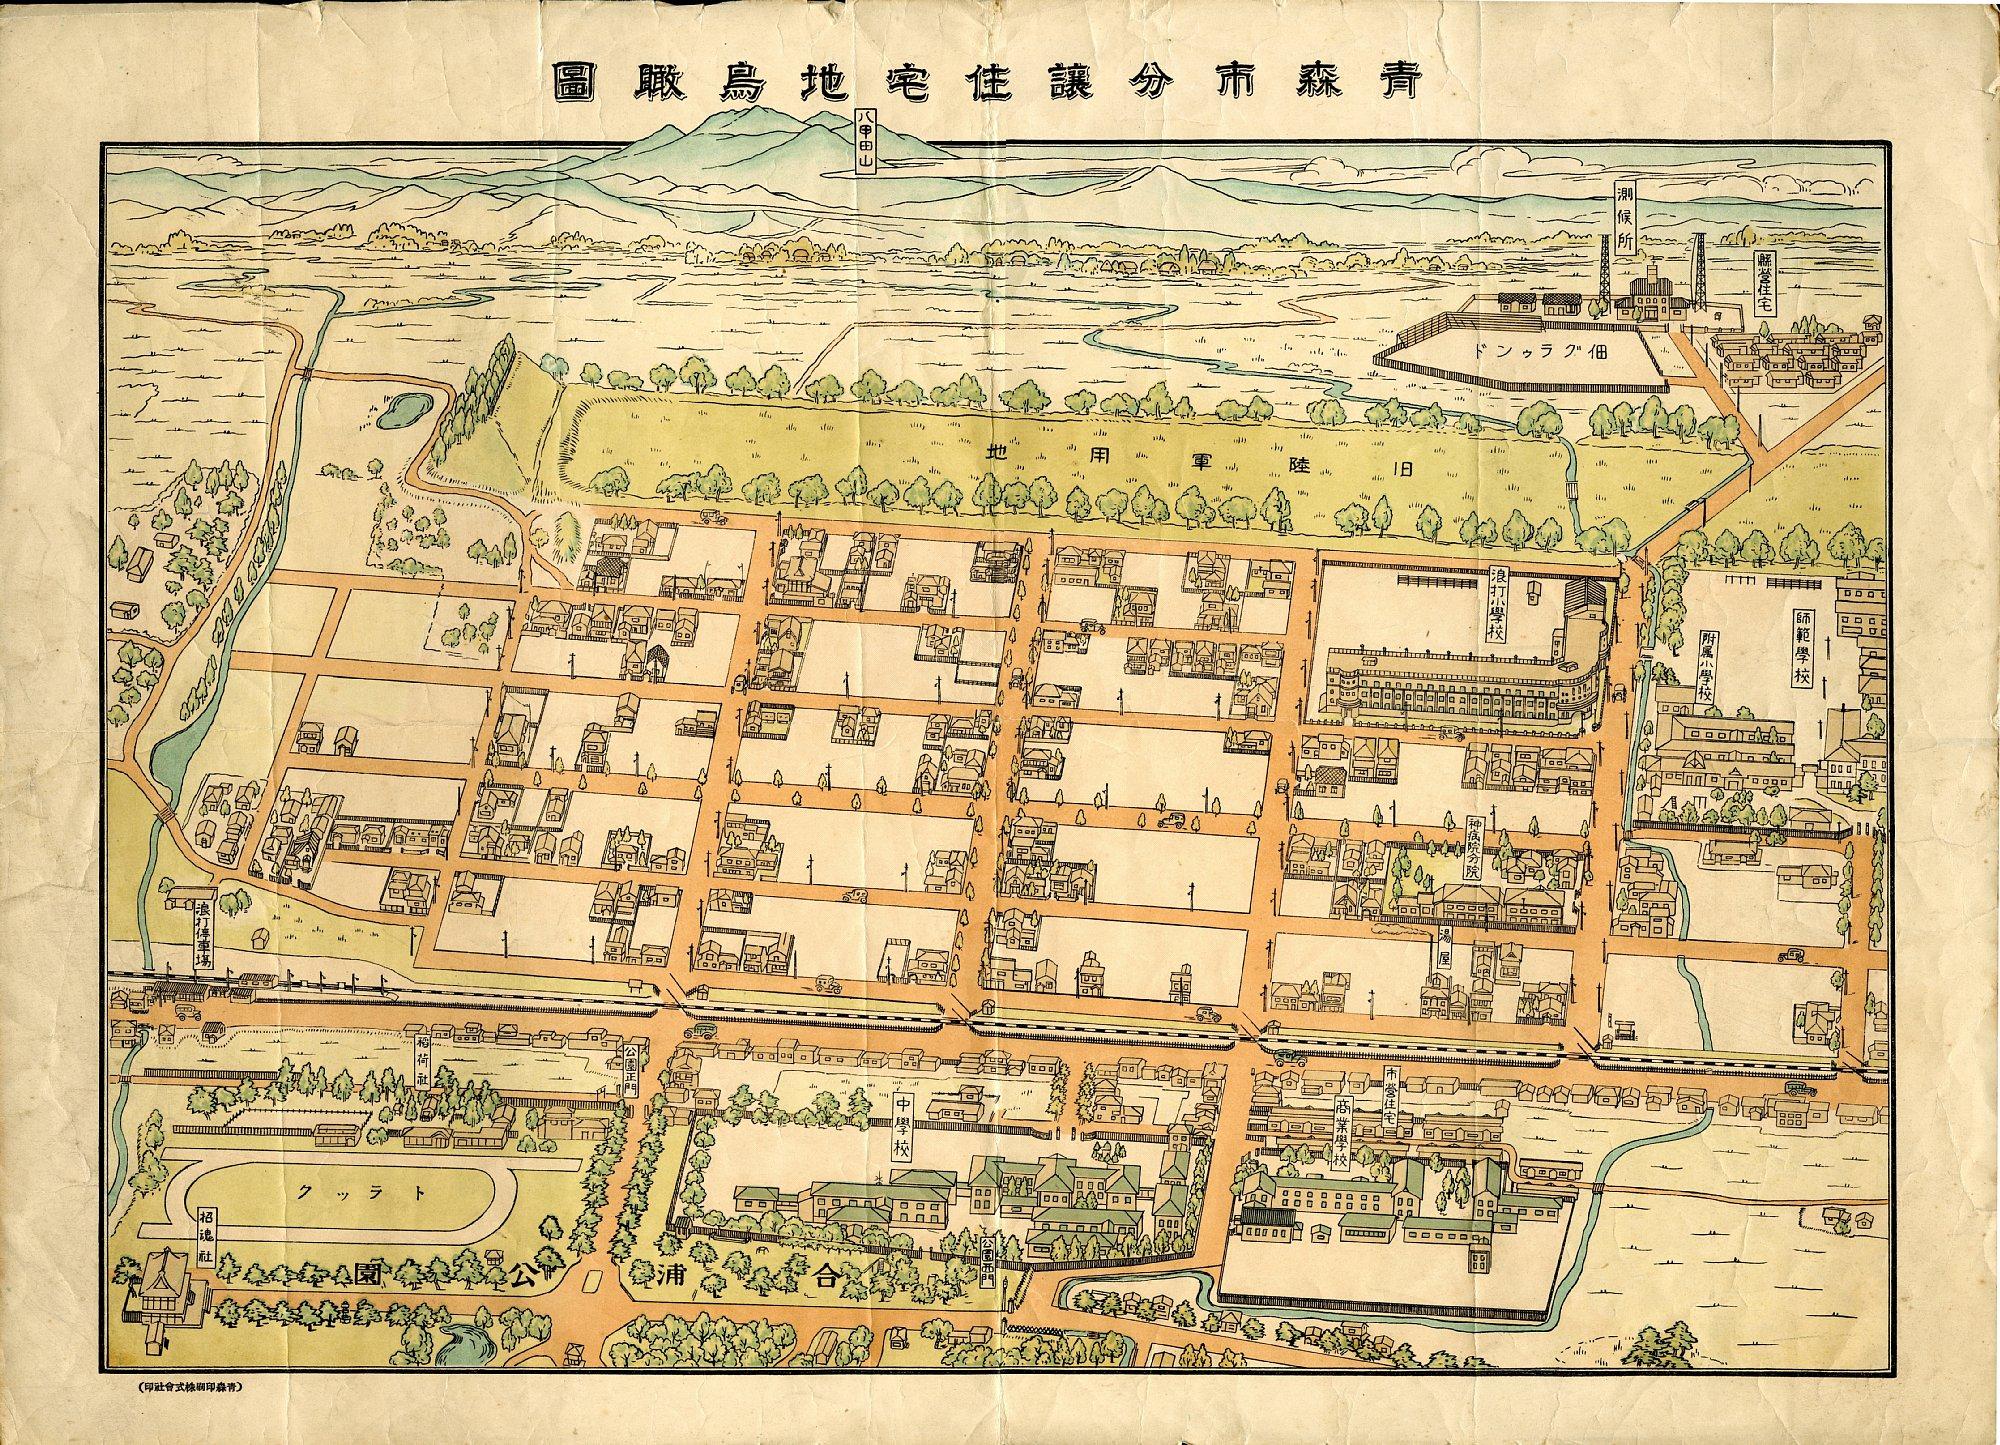 ふるさとの物語 第47回「青森市分譲住宅地鳥瞰図」~「練兵町」の面影伝える~